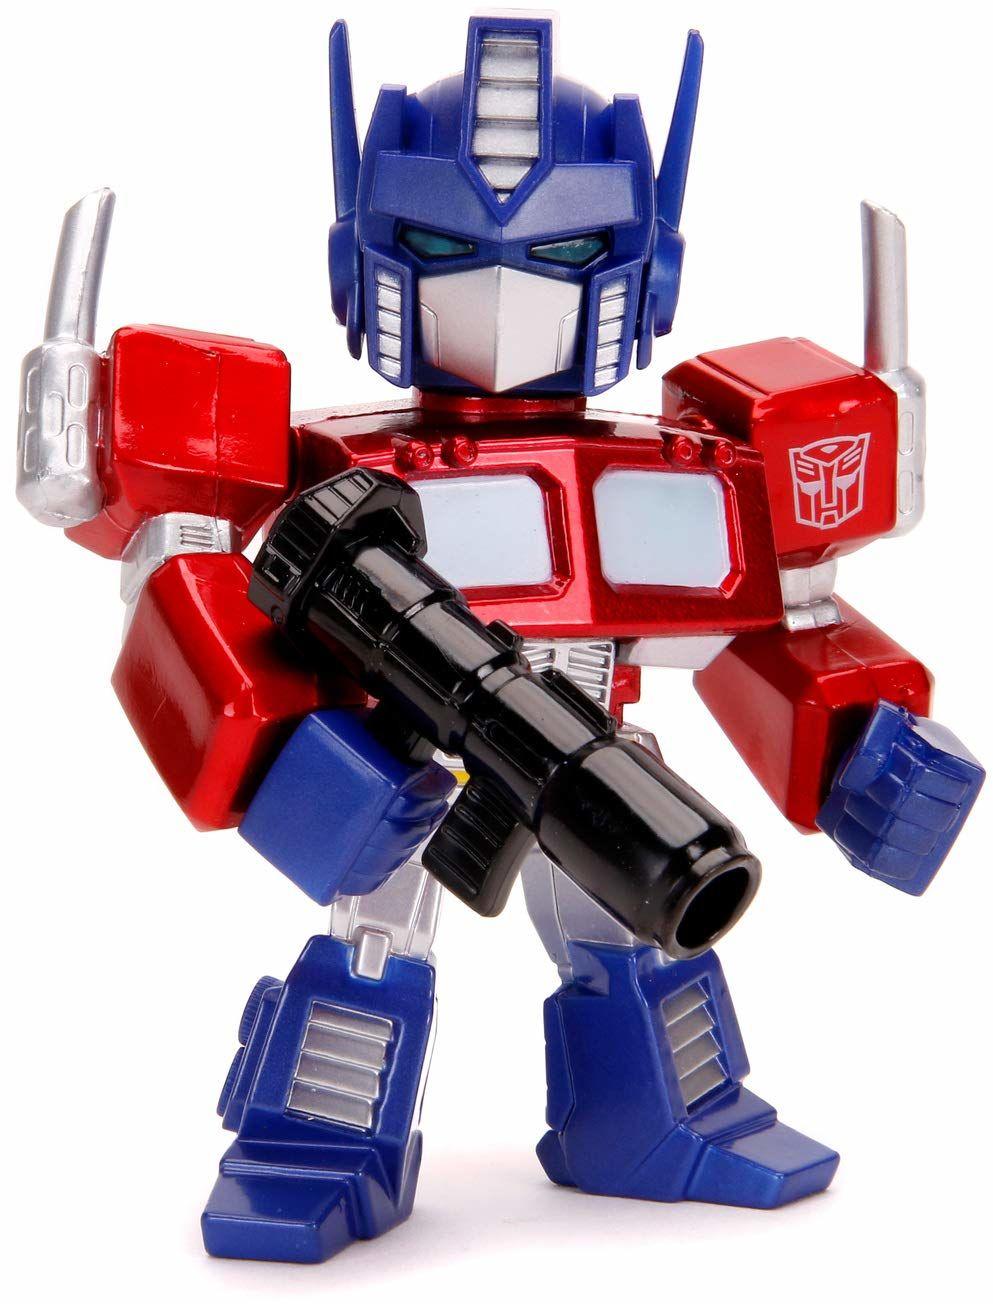 Jada Toys 253111003 Transformers, Optimus Prime figurka z Die-cast, oczy ze światłem, wraz z bateriami, akcesoriami, 10 cm, czerwony/srebrny/niebieski